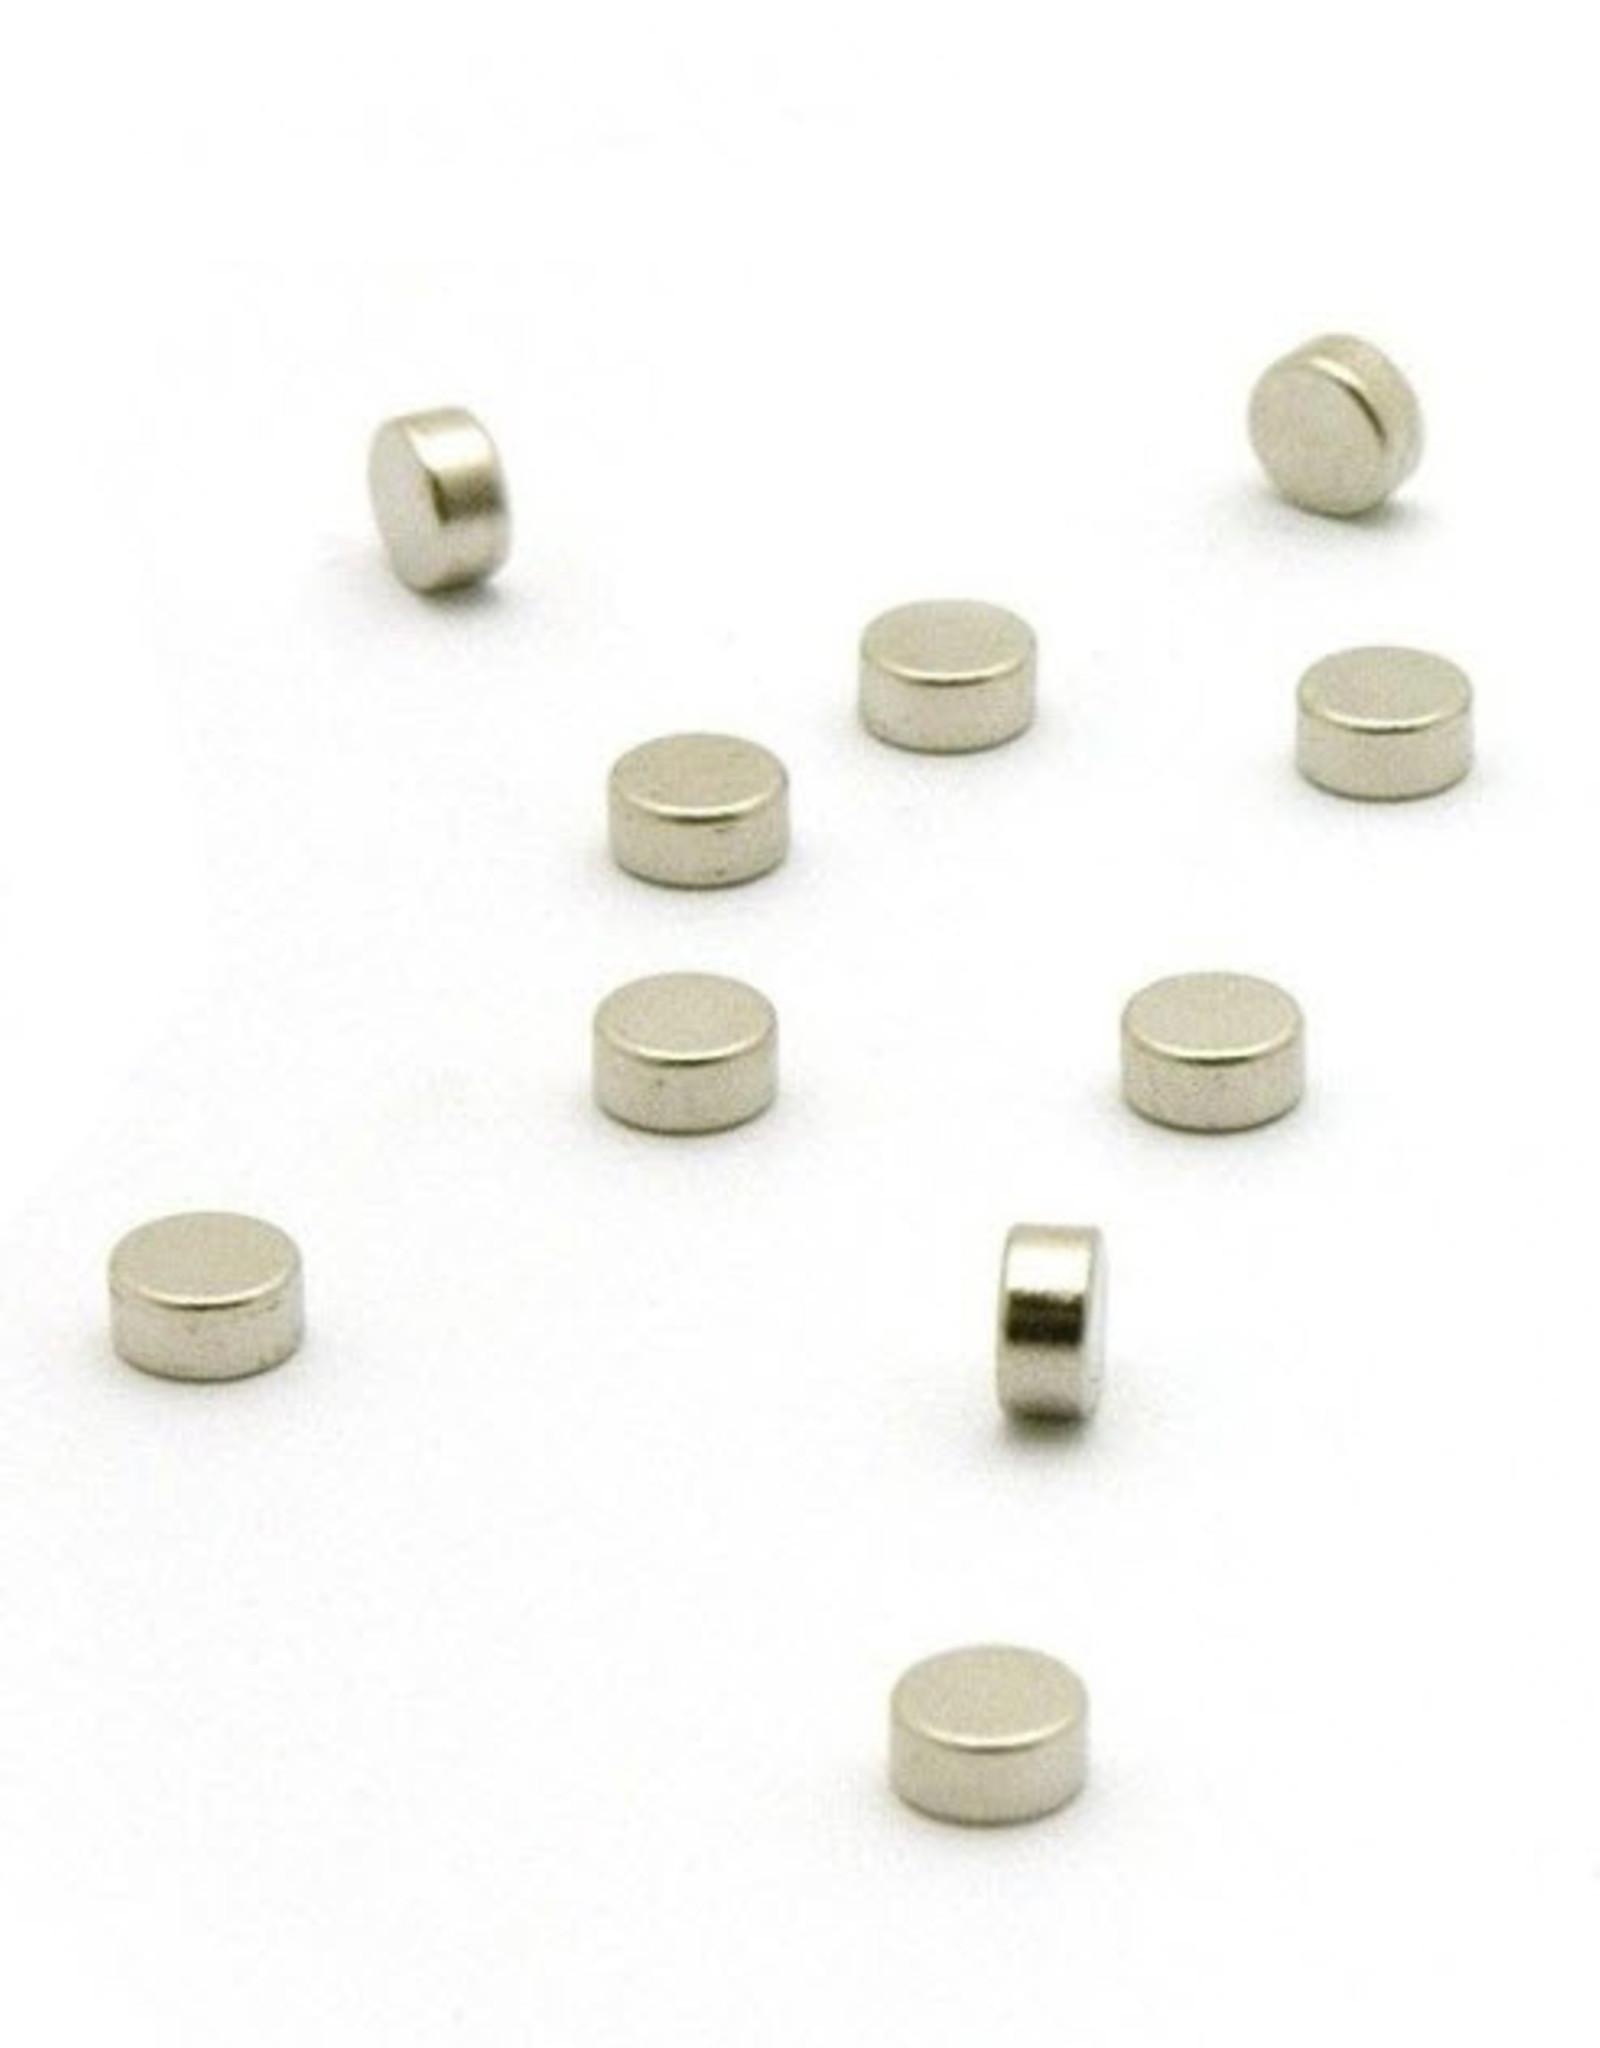 Trendform Magneten Steely (10 stuks)